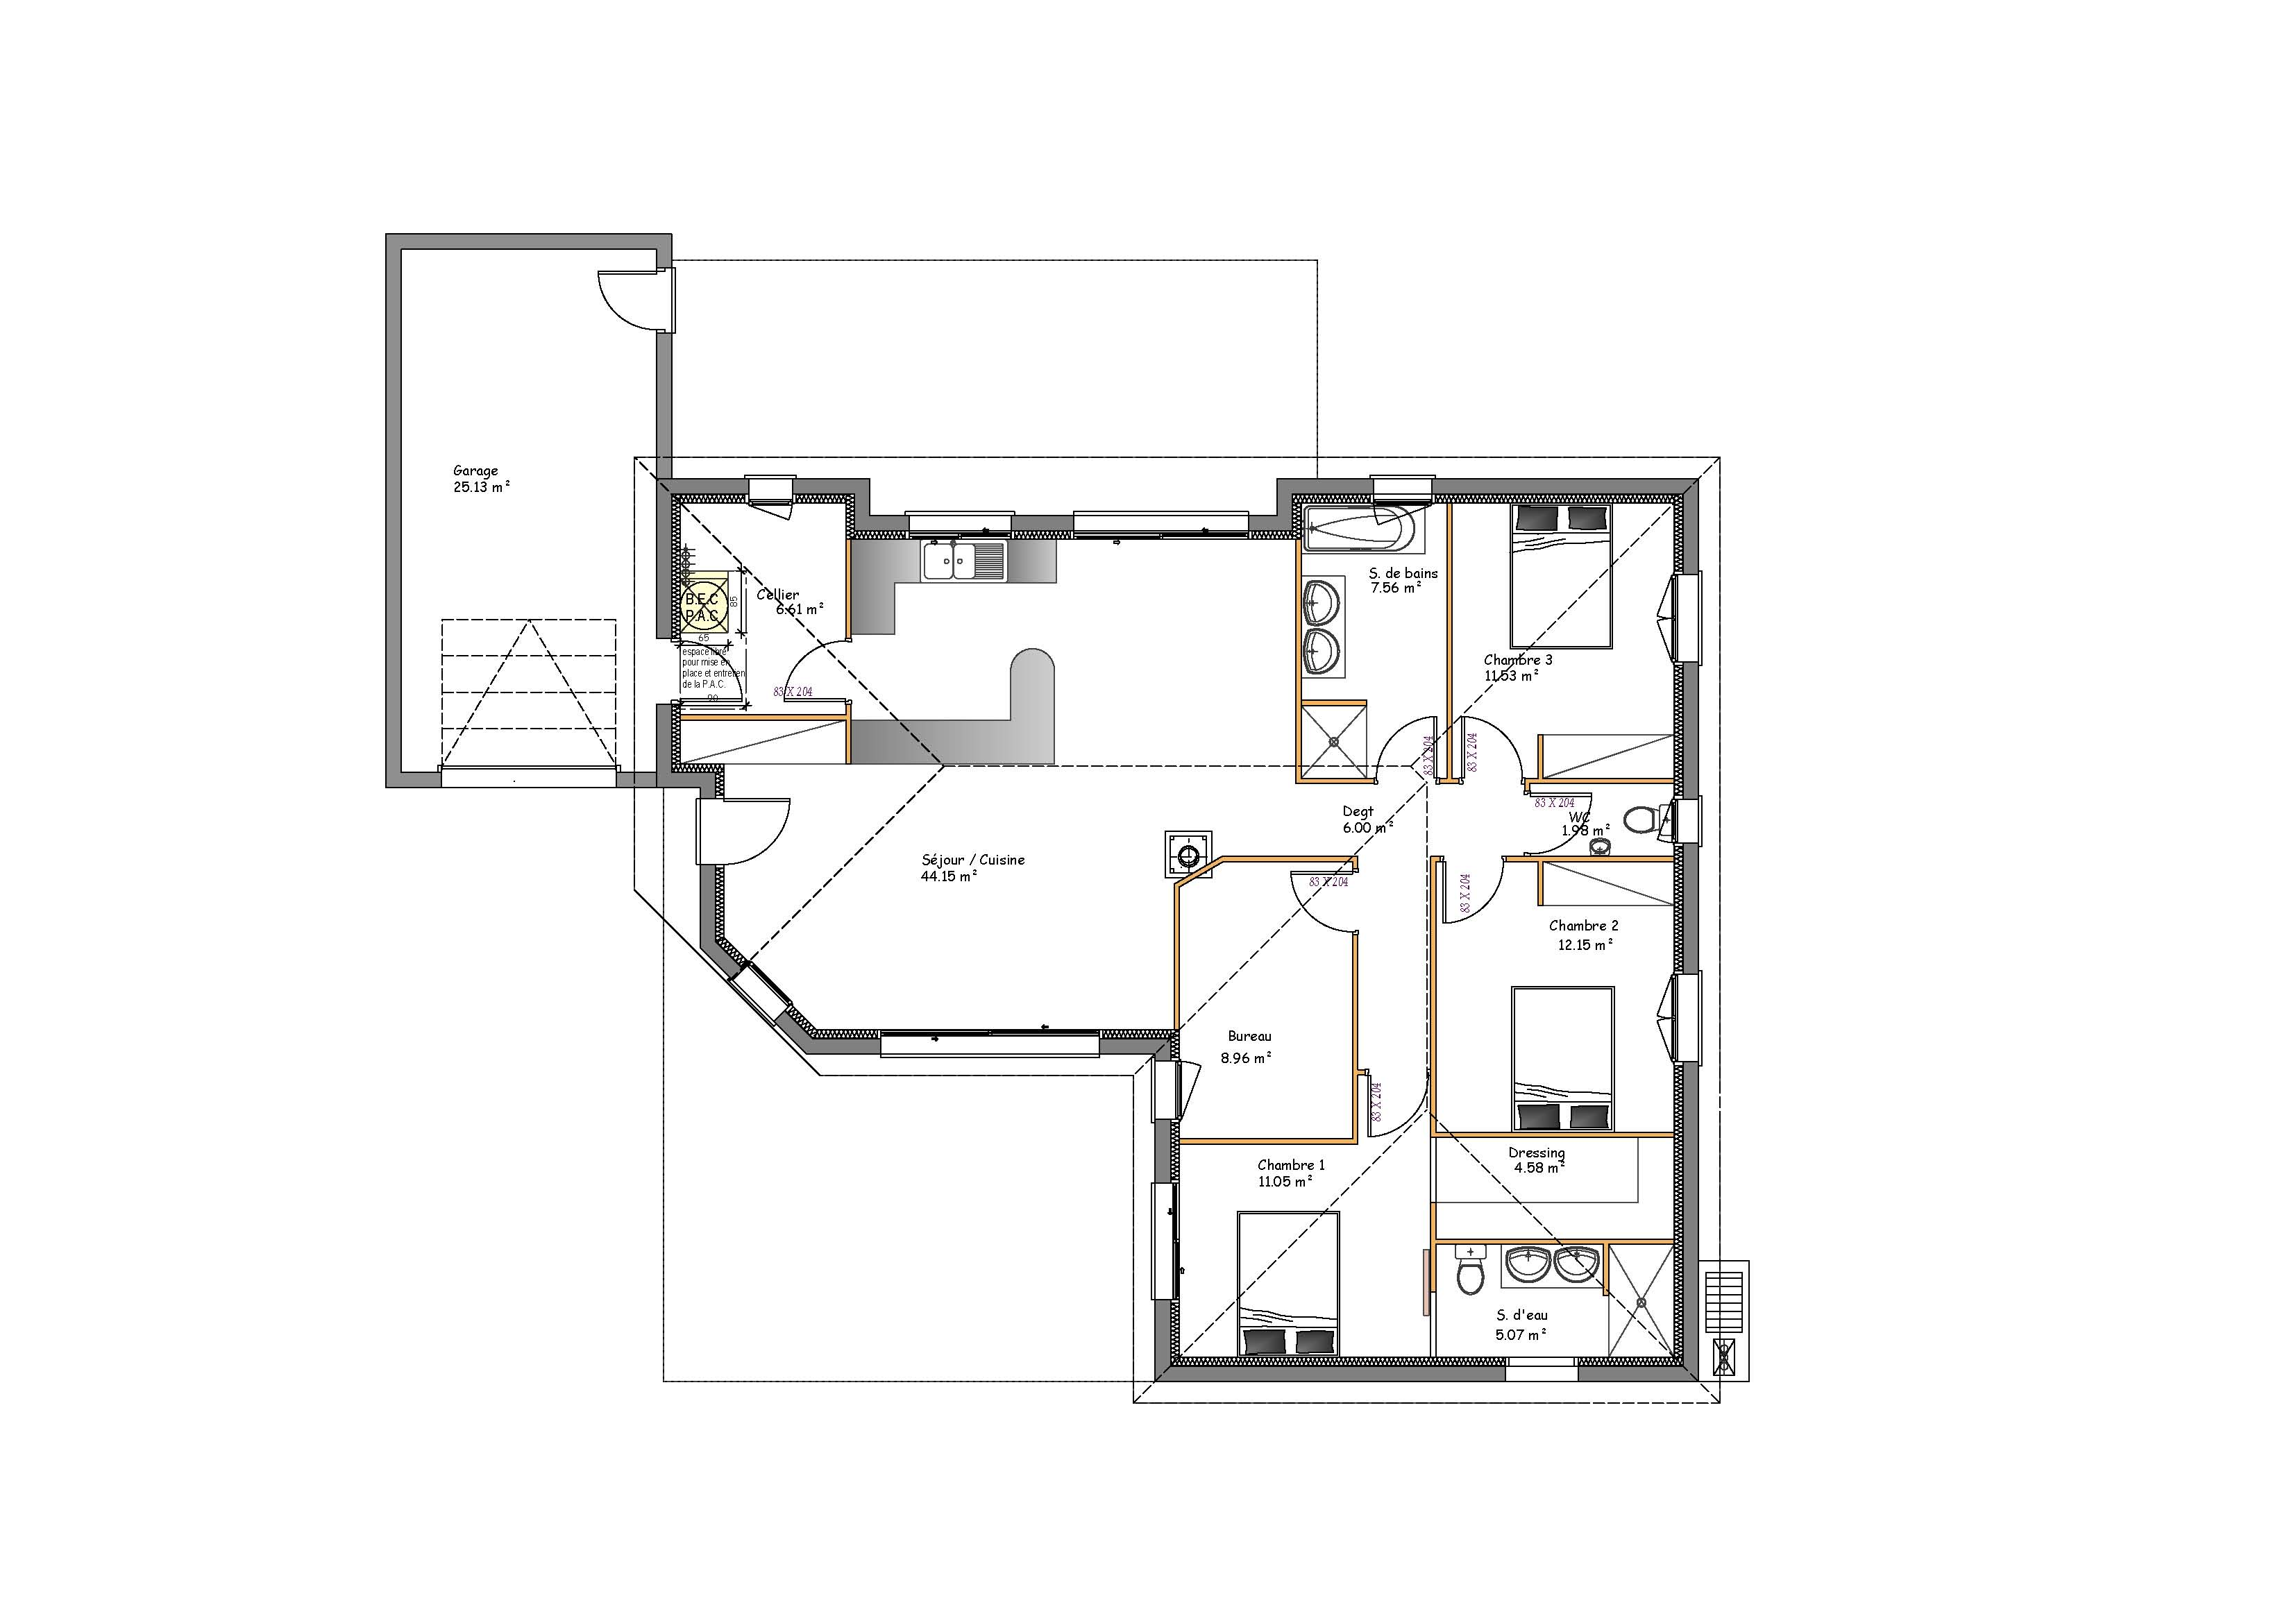 Plan De Maison A Toit Plat Dcouvrir Plus Image Et Concepts